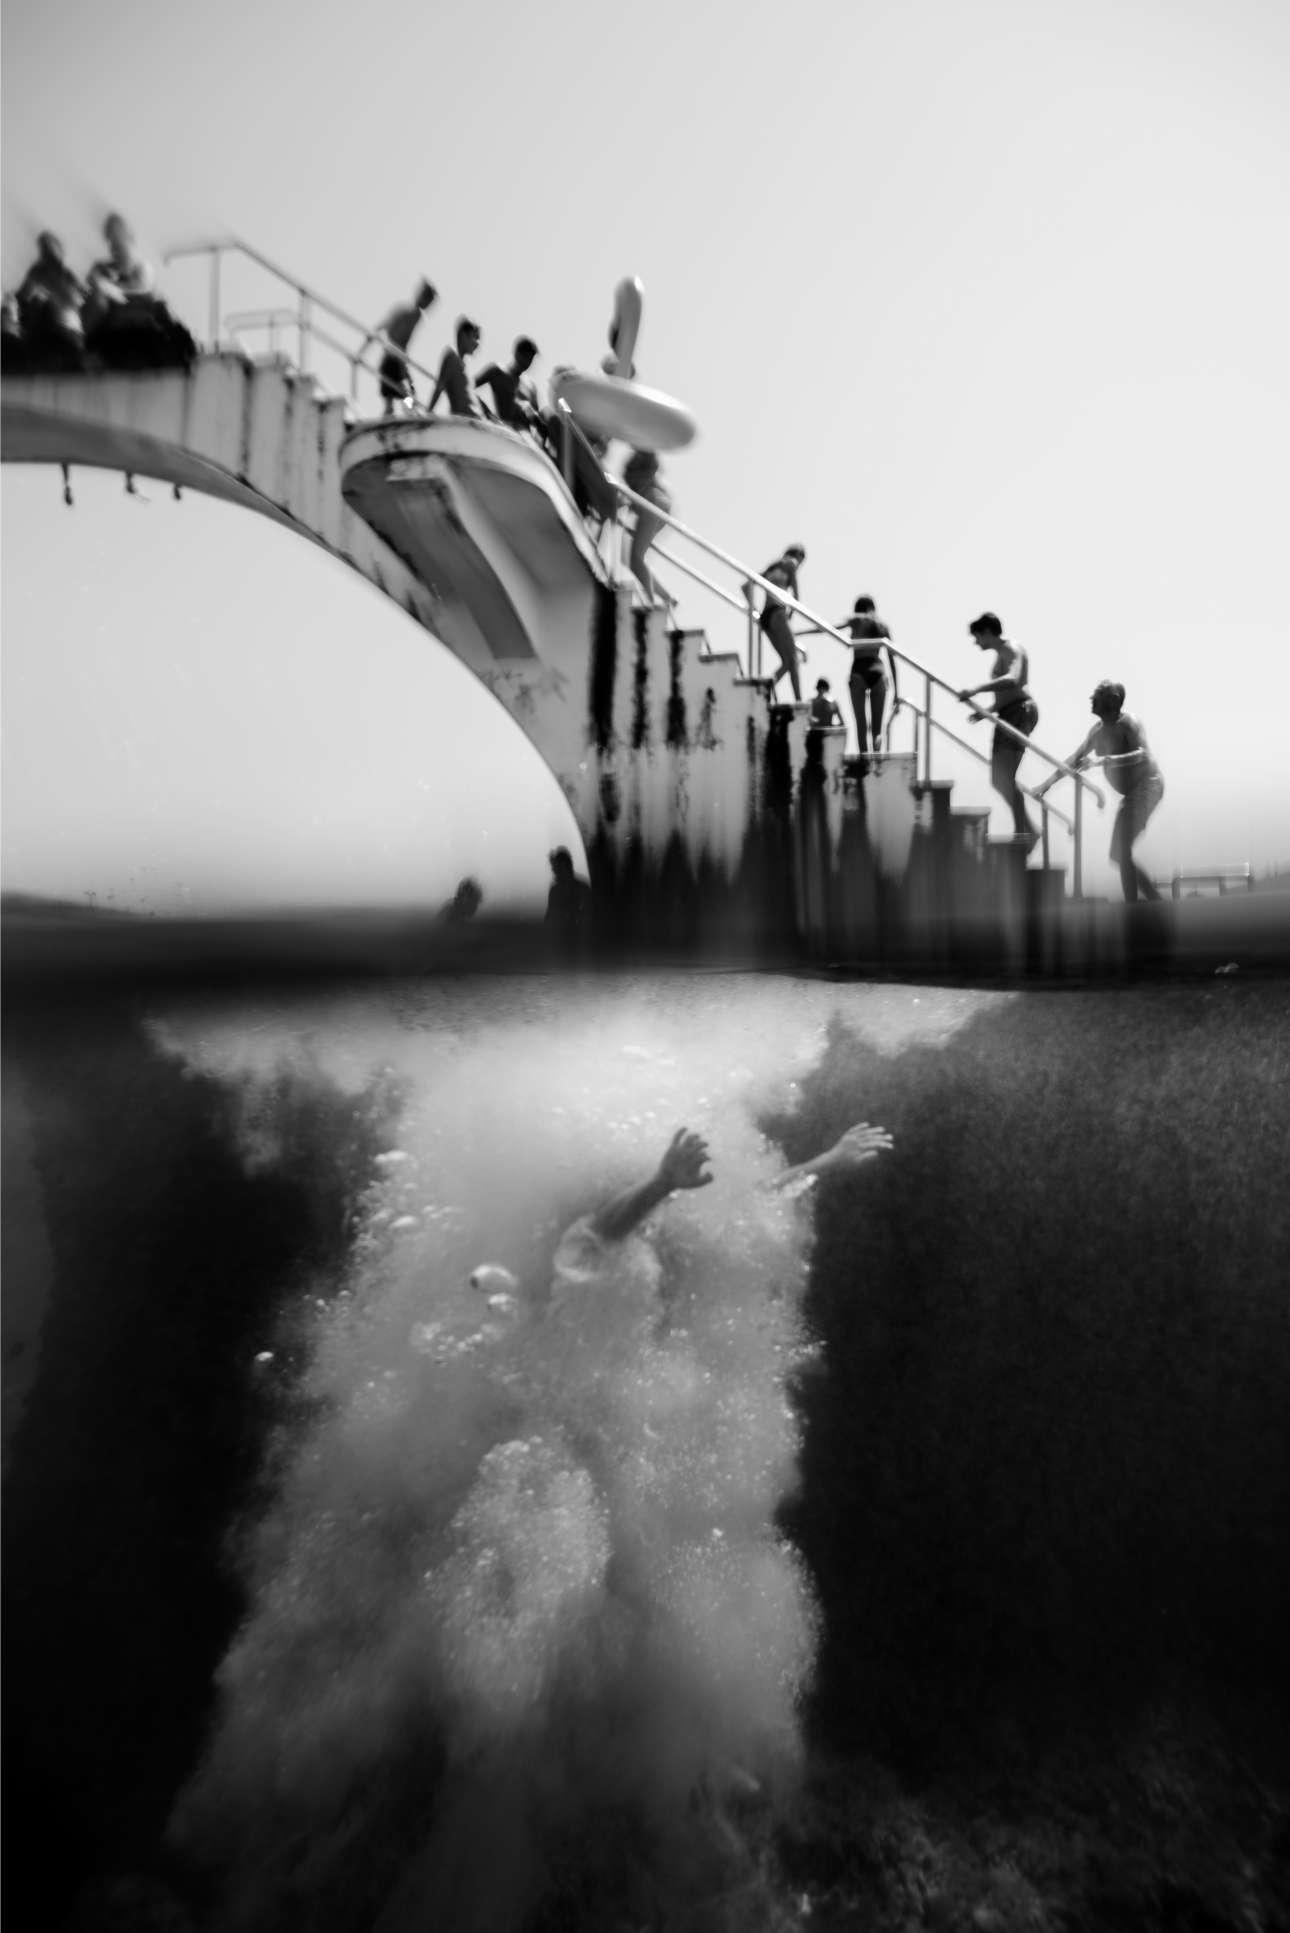 «Τα Χέρια»: άνδρας βουτάει από βατήρα σε πολυσύχναστη παραλία της Ρόδου. Με την παραπάνω εικόνα ο Φίλιππος Αλαφάκης κέρδισε το Εθνικό Βραβείο εκπροσωπώντας την Ελλάδα